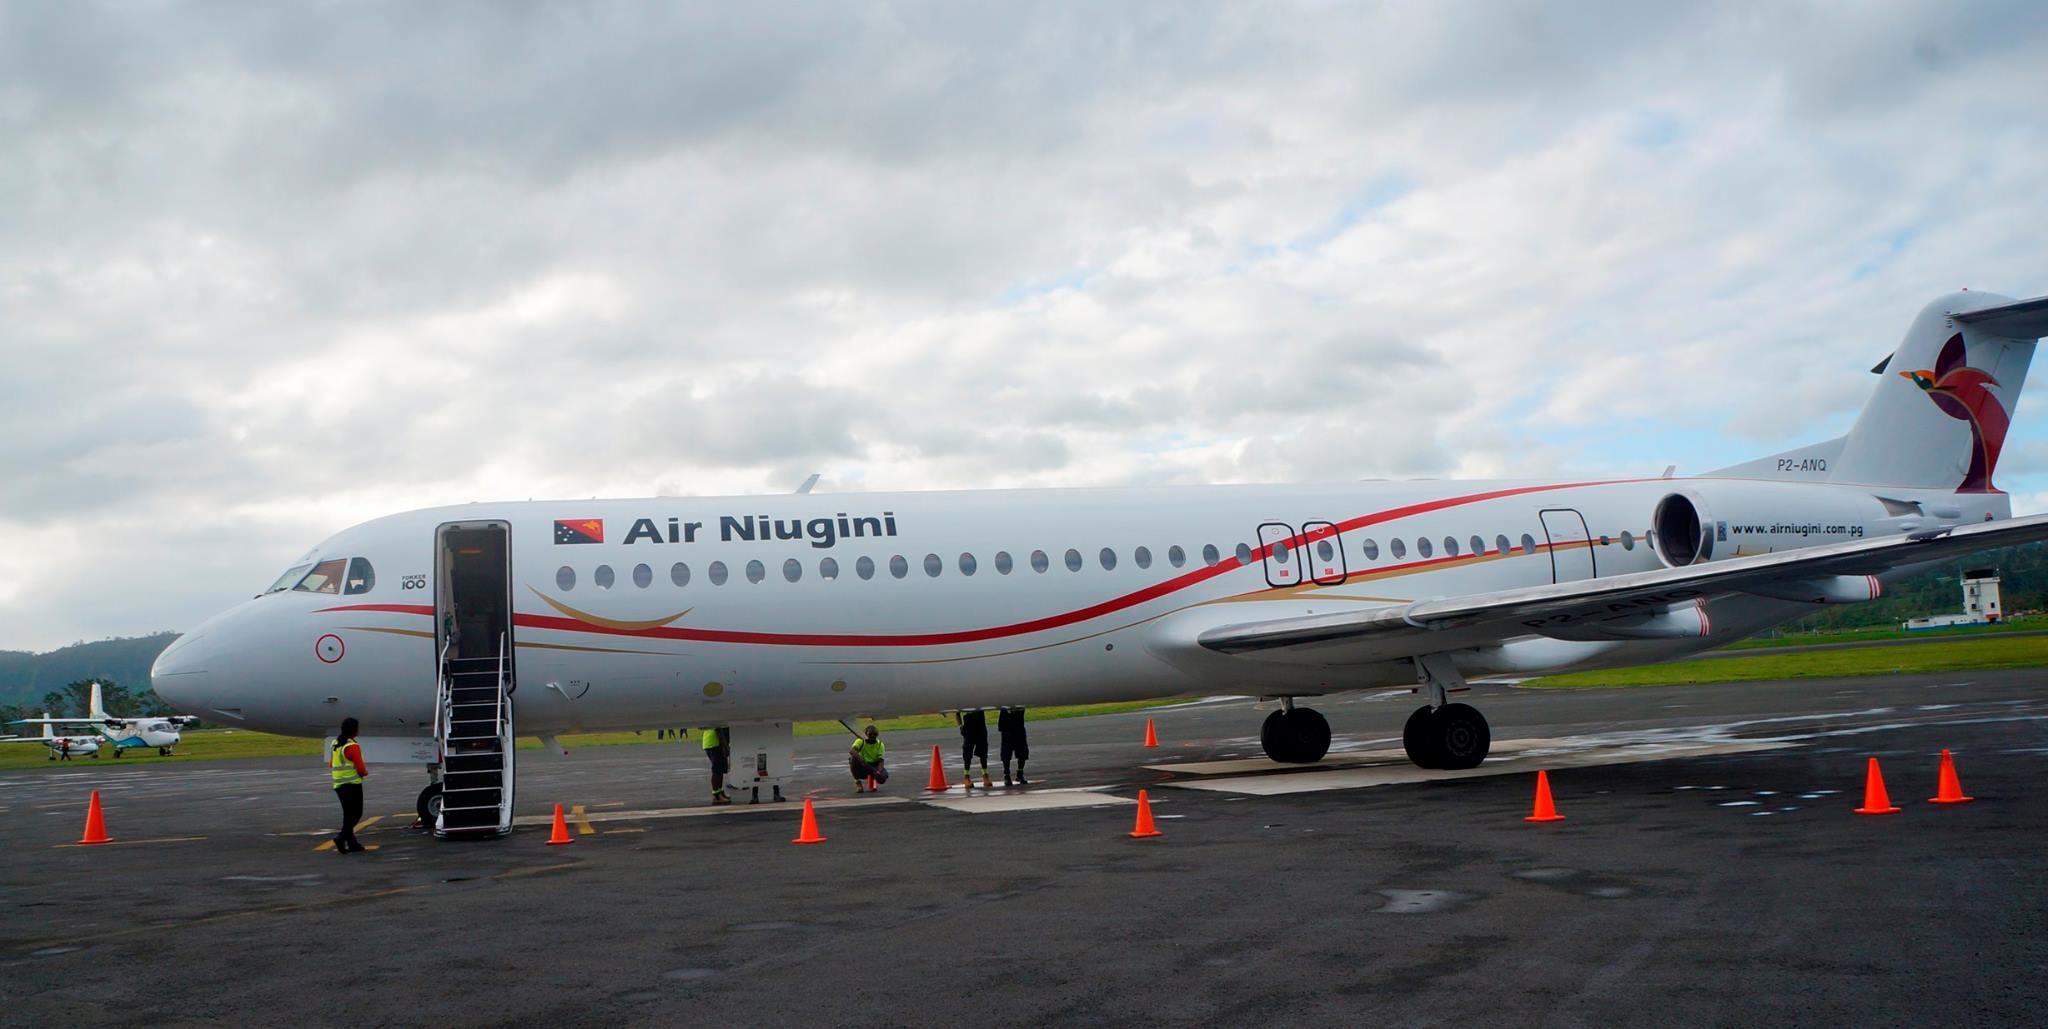 Air Niugini Operates First Commercial Service To Port Vila, Vanuatu